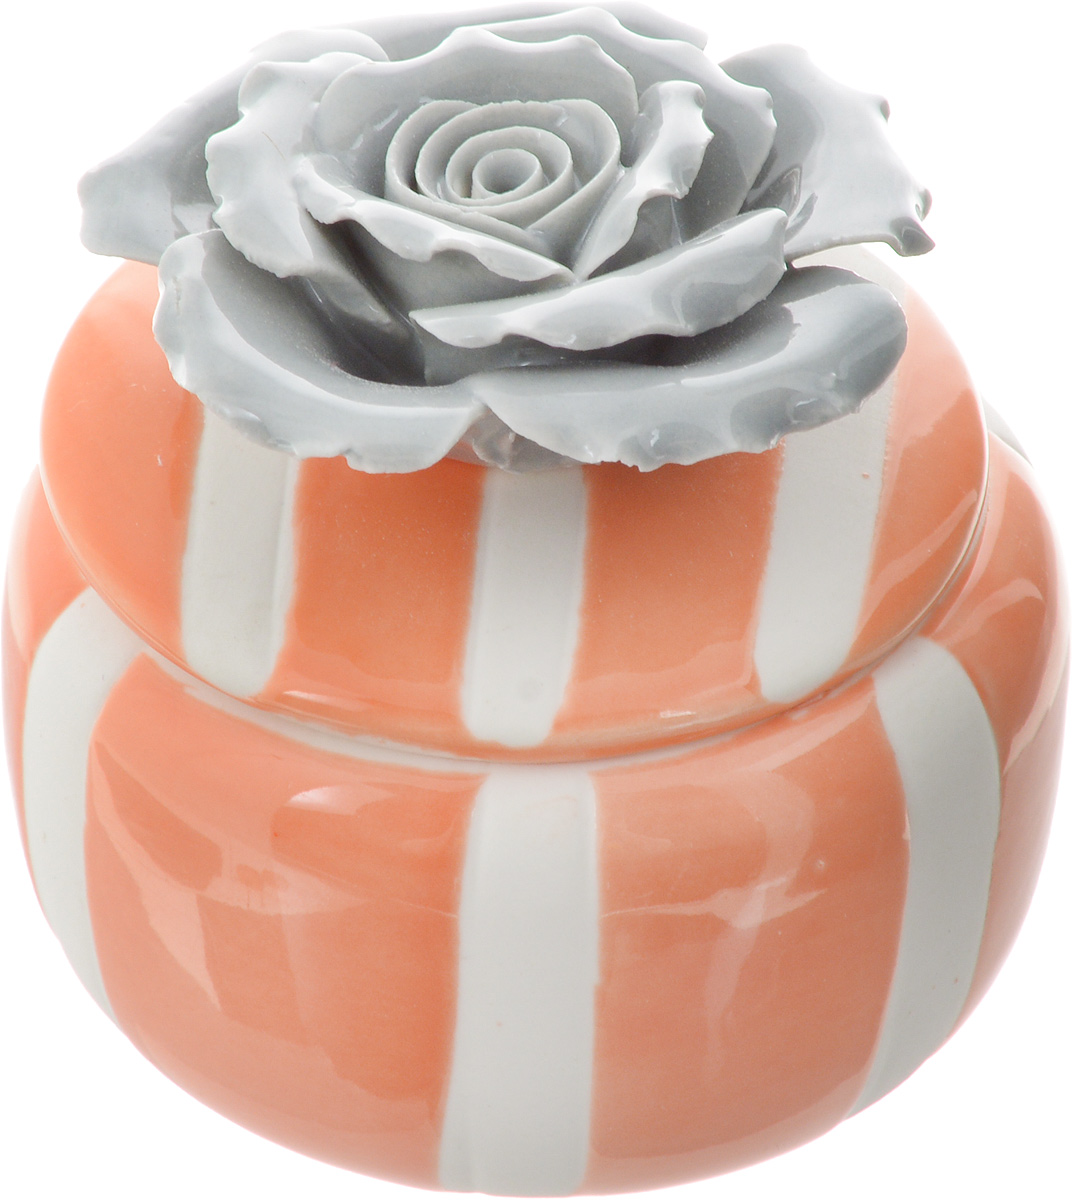 Шкатулка для украшений Феникс-Презент, цвет: оранжевый, серый, белый, 6,5 х 6,5 х 6,5 см43830Шкатулка Феникс-Презент предназначена для украшений. Изделие изготовлено из фарфора. Крышка шкатулки украшена розой серого цвета. Вы можете поставить шкатулку в любом месте, где она будет удачно смотреться и радовать глаз. Кроме того - это отличный вариант подарка для ваших близких и друзей. Размер шкатулки: 6,5 х 6,5 х 6,5 см.